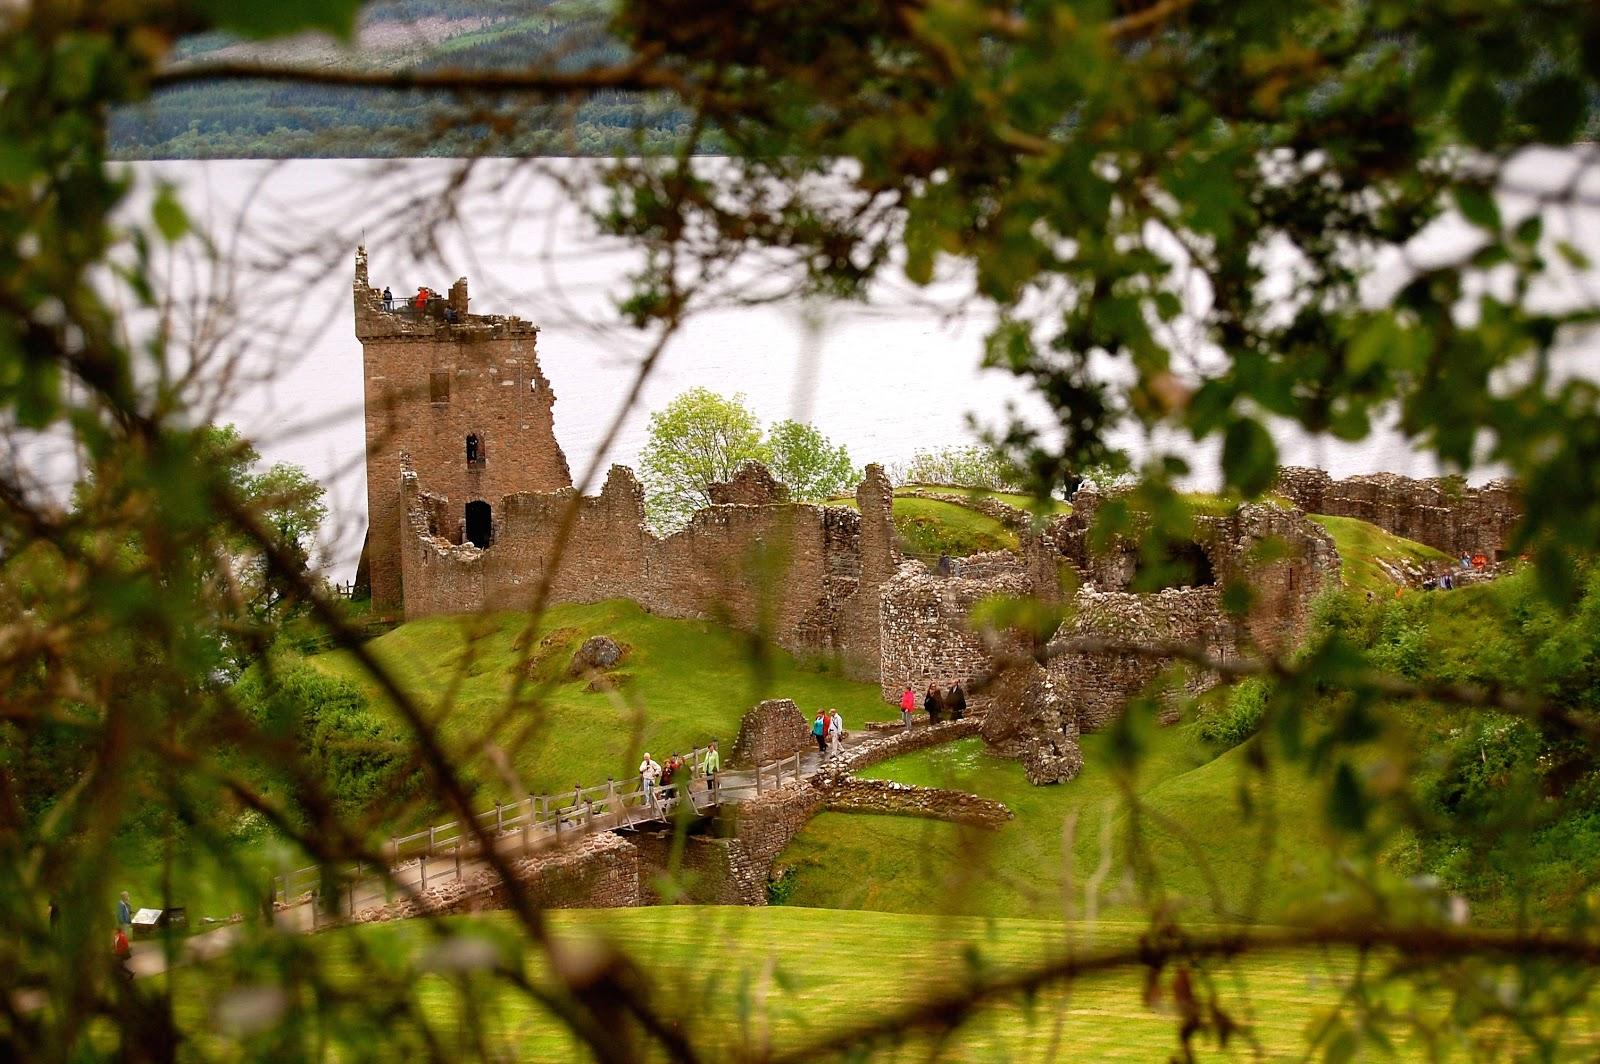 Urquhart Castle ruins on Loch Ness in Scotland